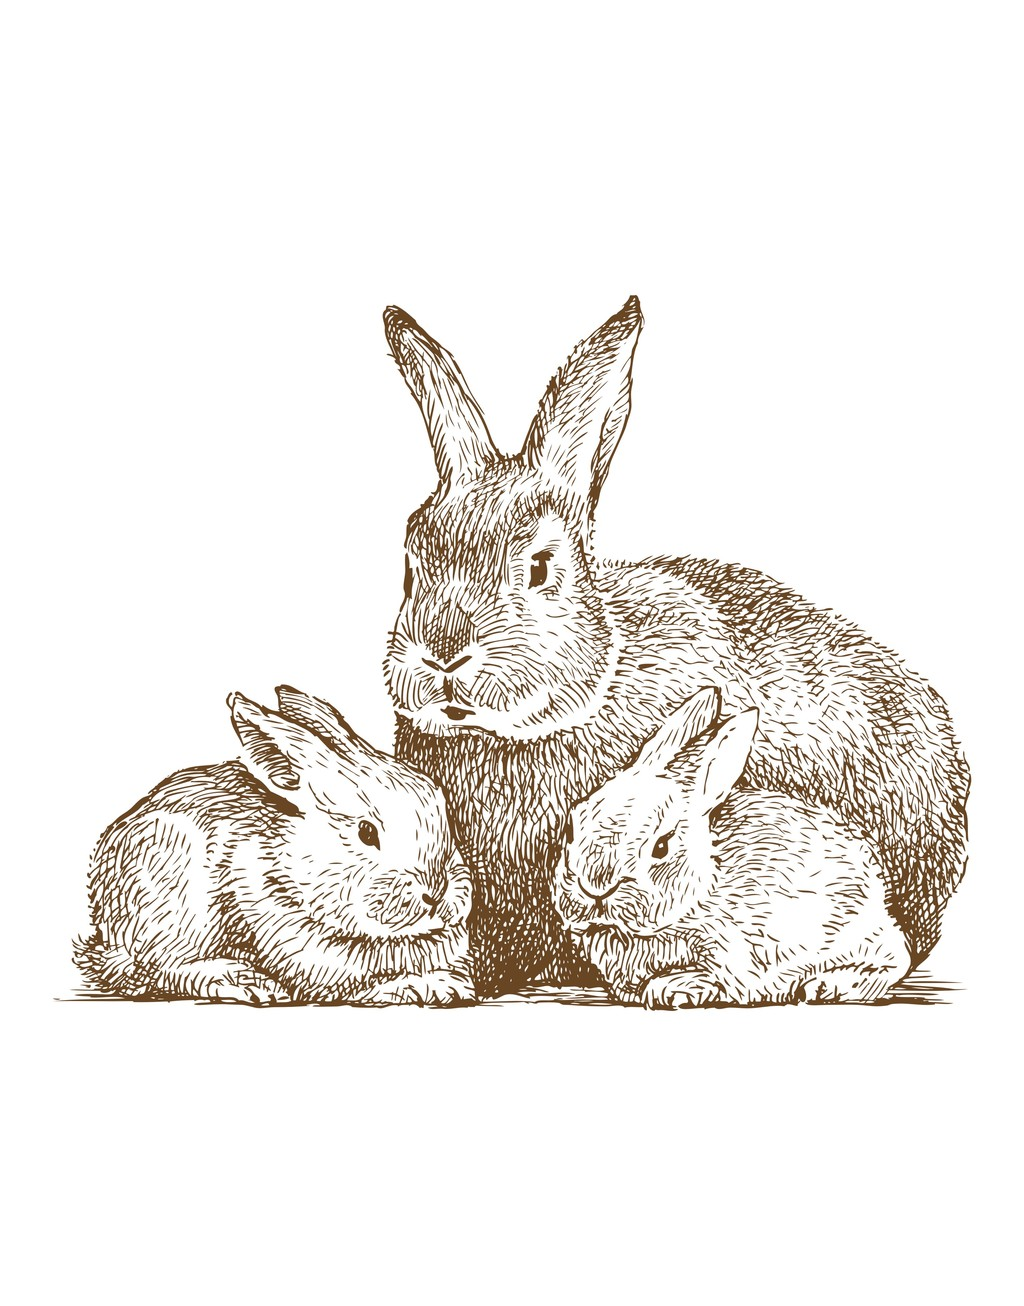 手绘动物简笔插画卡通动物兔子